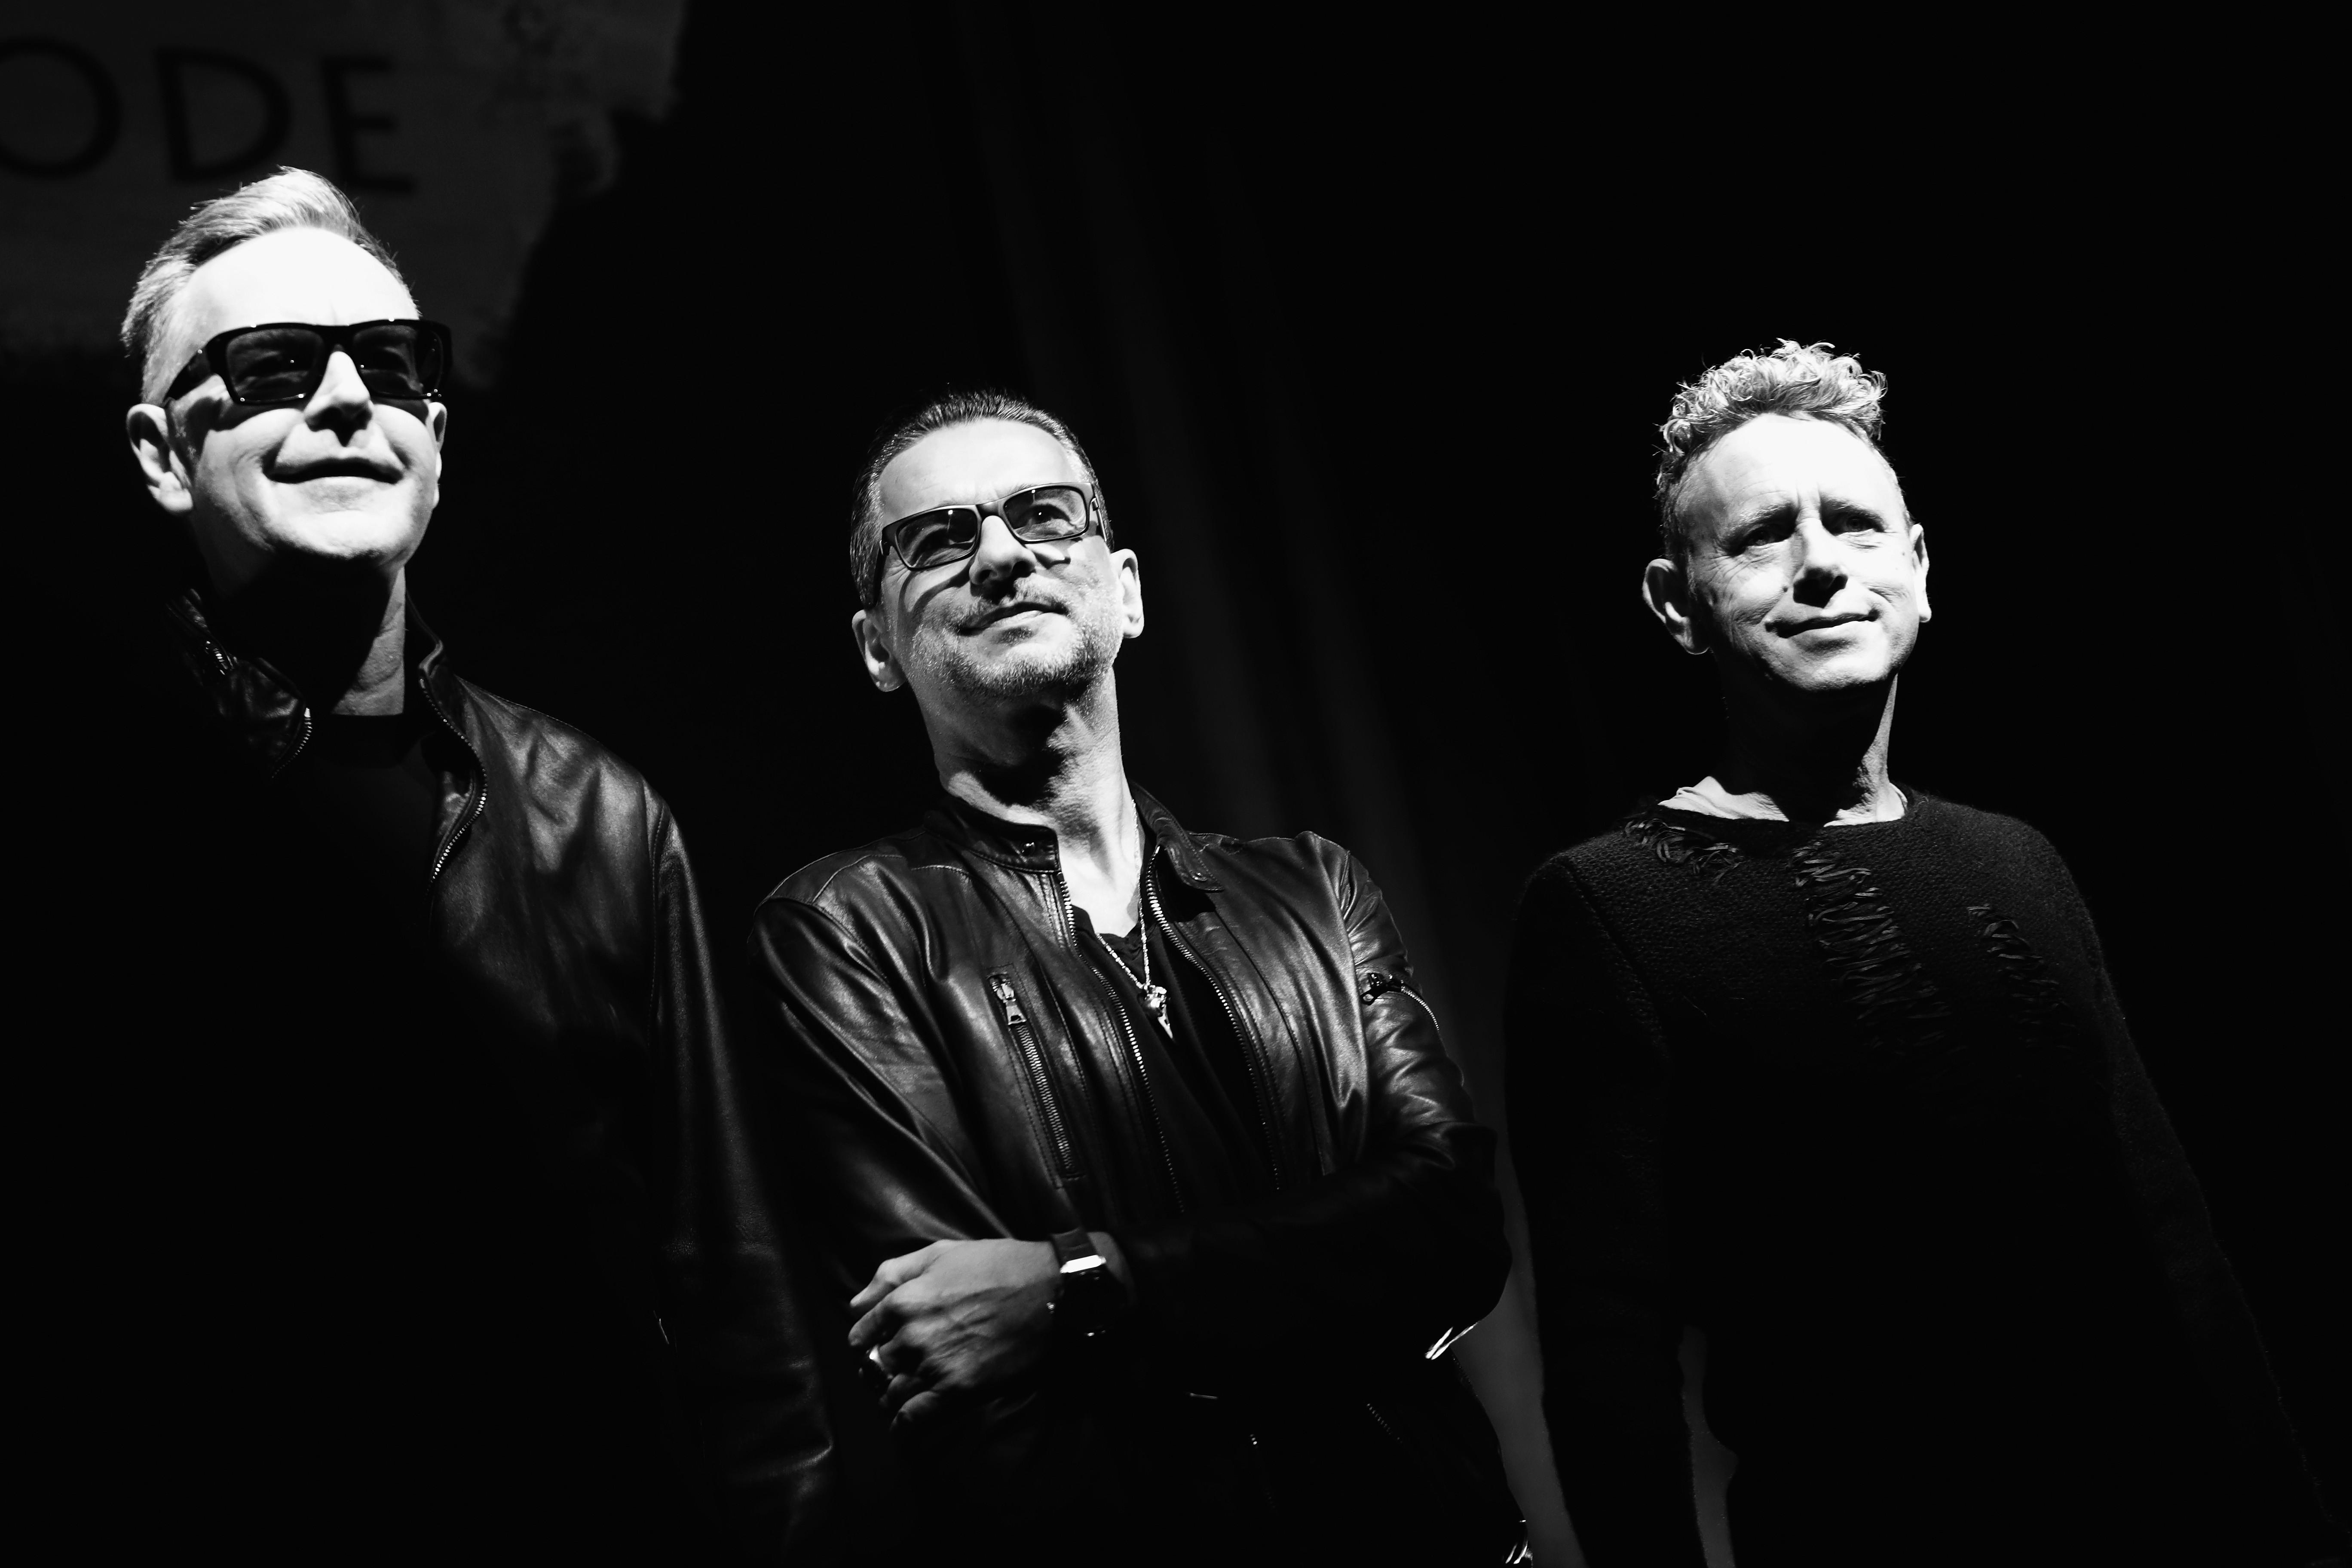 Depeche Mode volta ao brasil após 24 anos (Foto: Getty Images/ Vittorio Zunino Celotto )